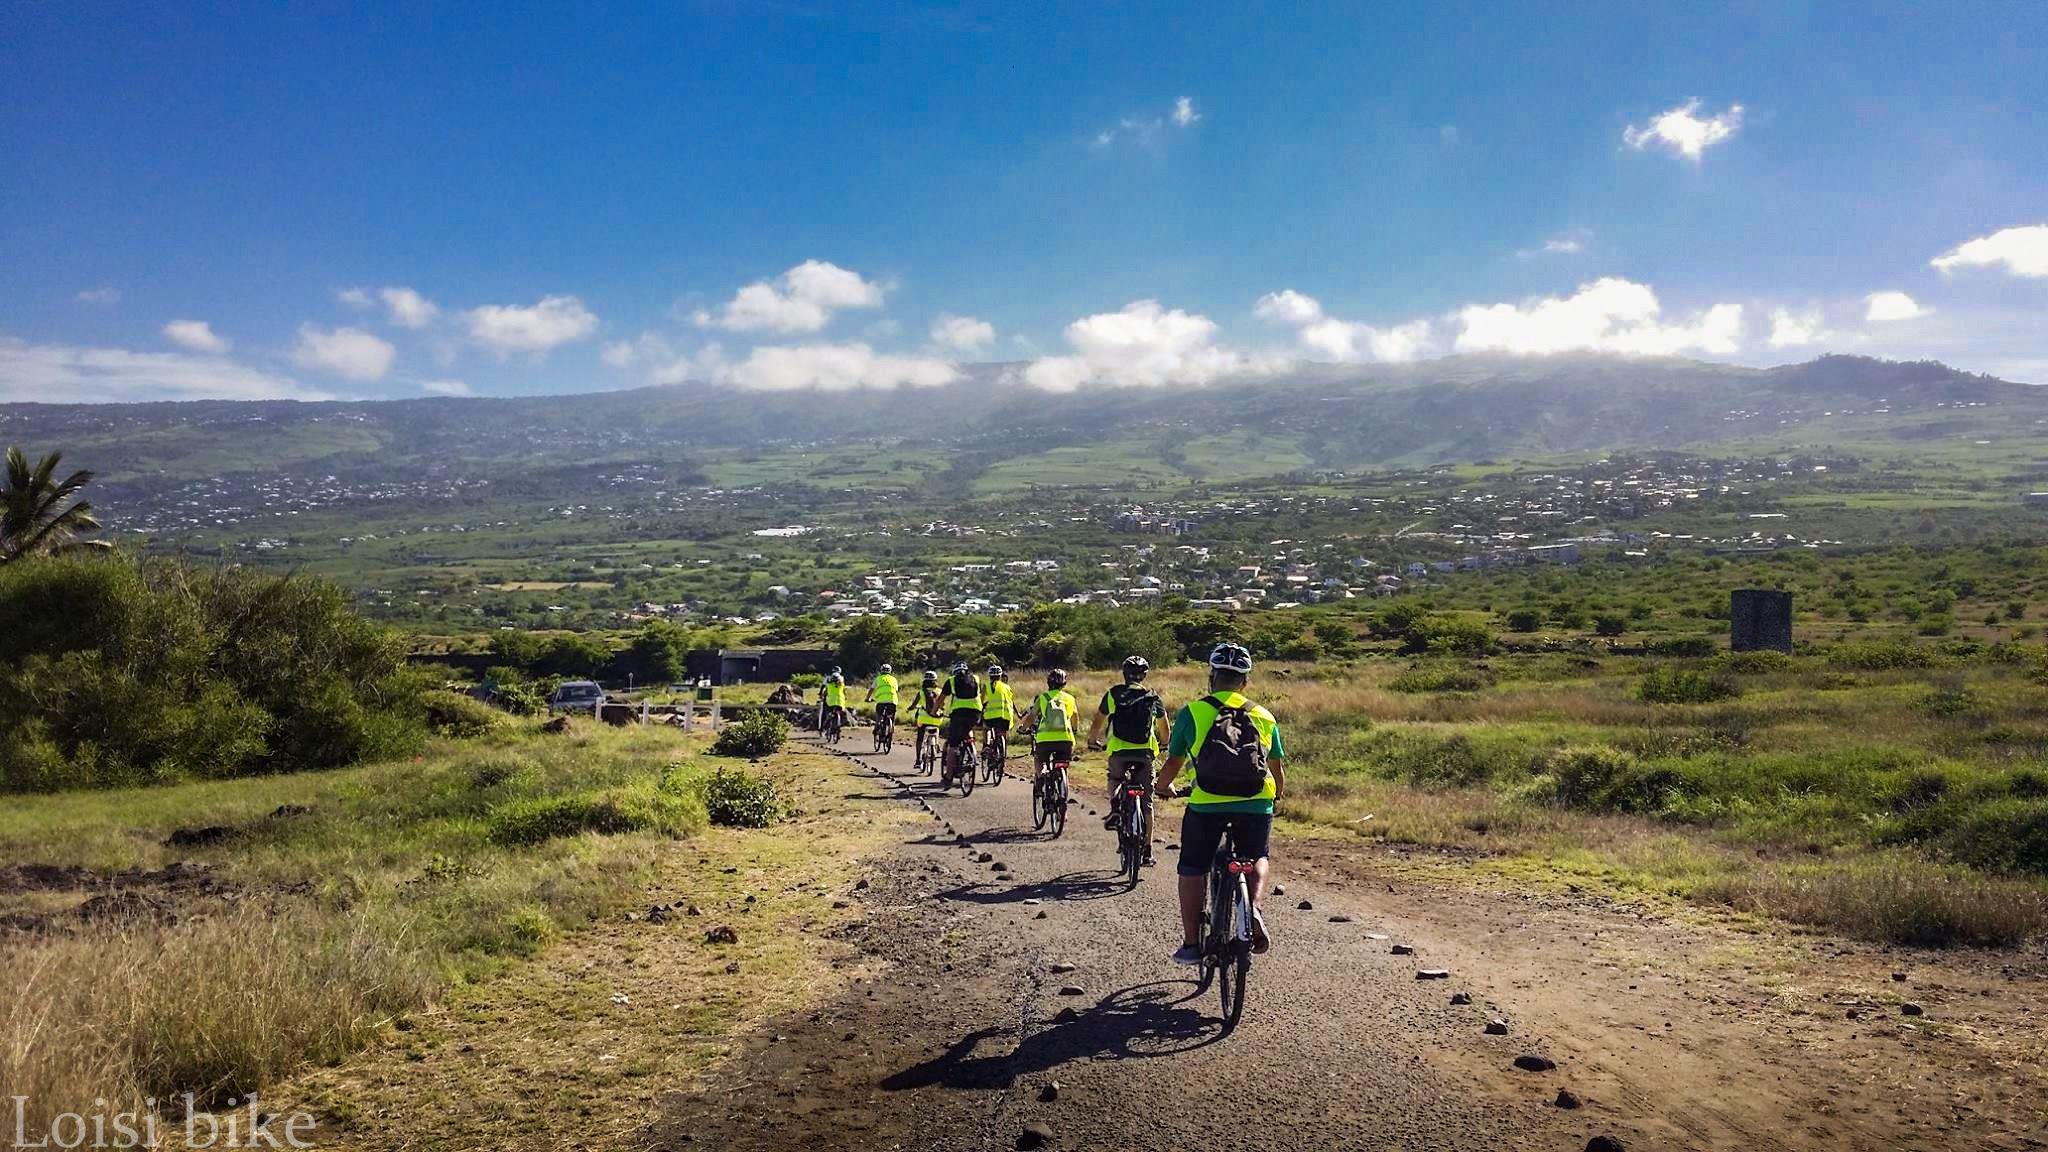 Zarlor Nervenkitzel – Idyllischer E-Bike-Ausflug